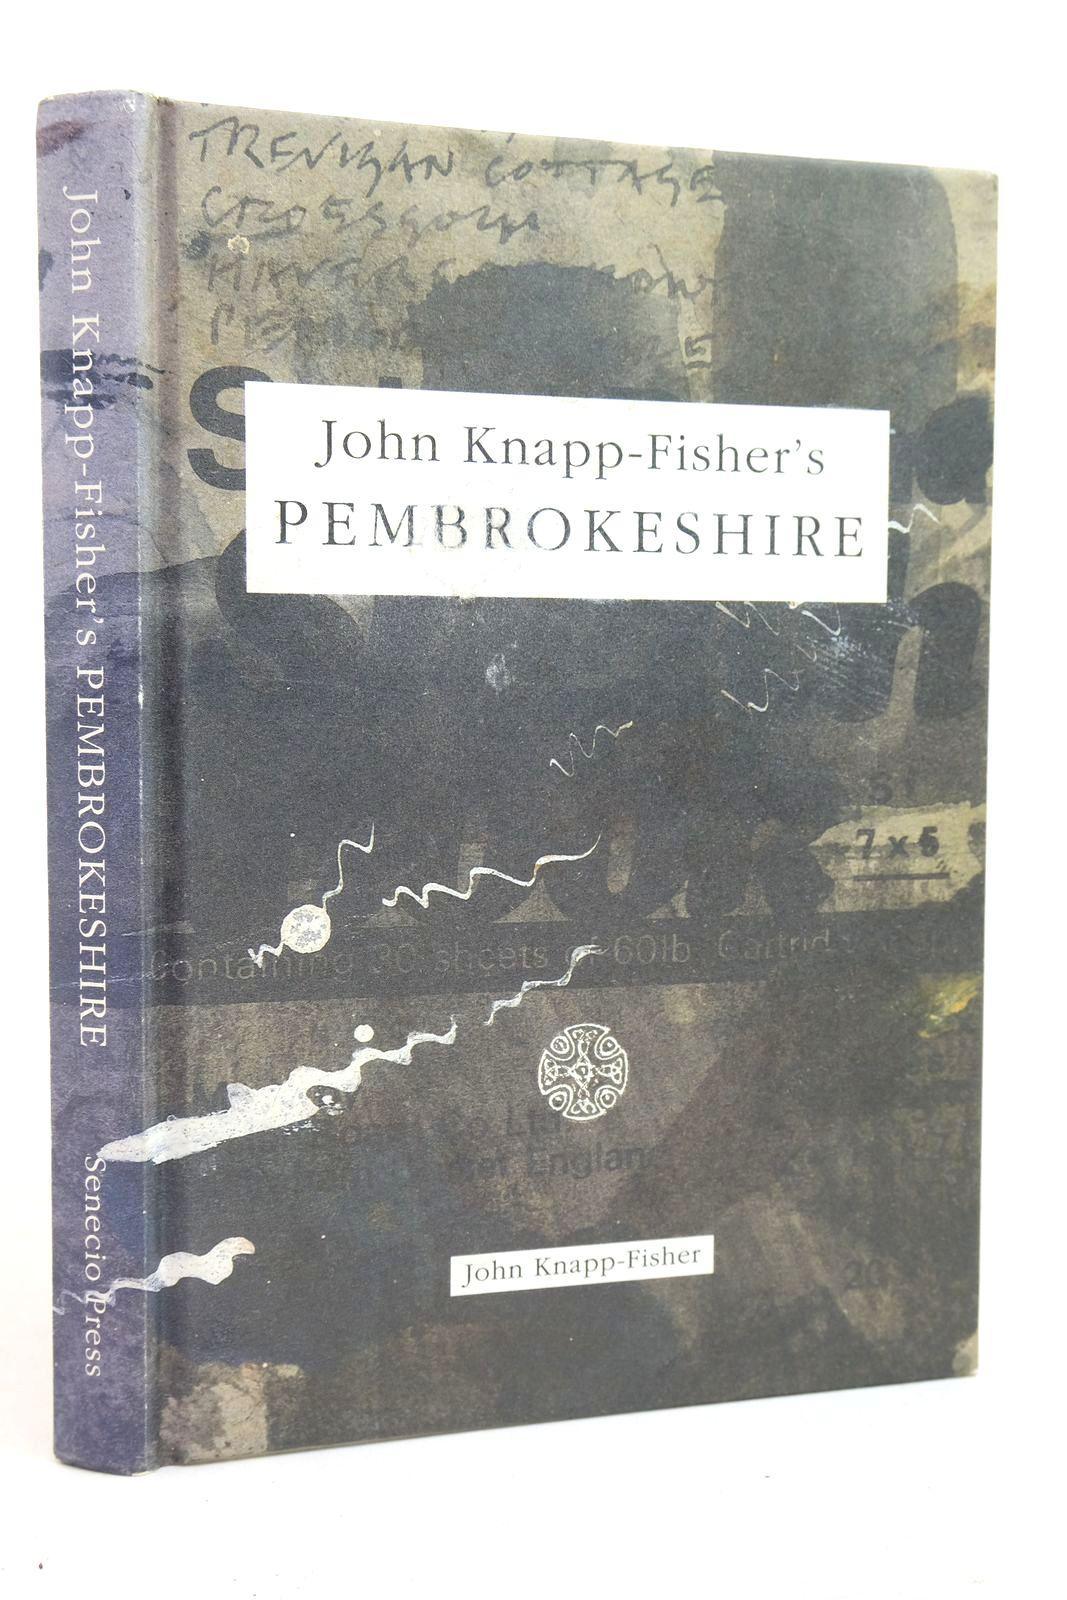 John Knapp-Fisher